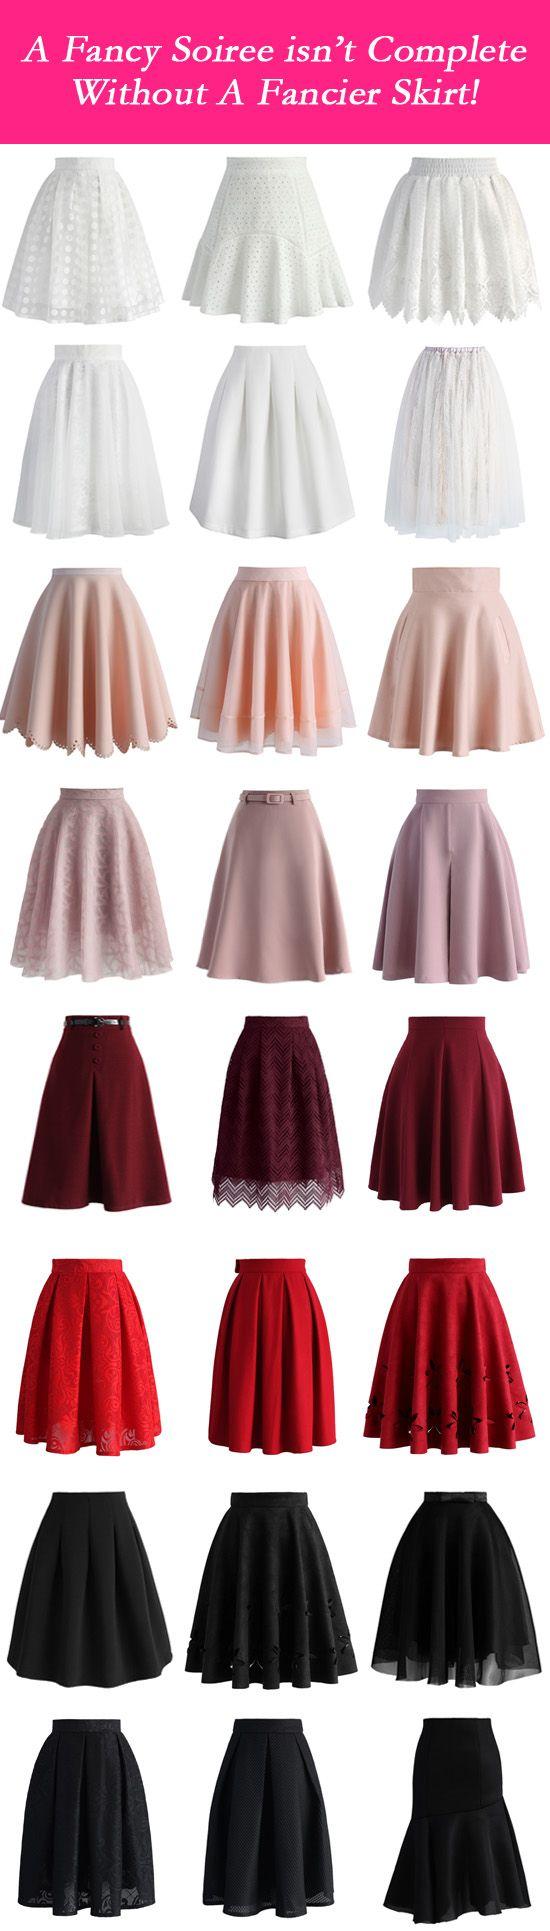 A fancy soiree isn't complete without a fancier skirt!